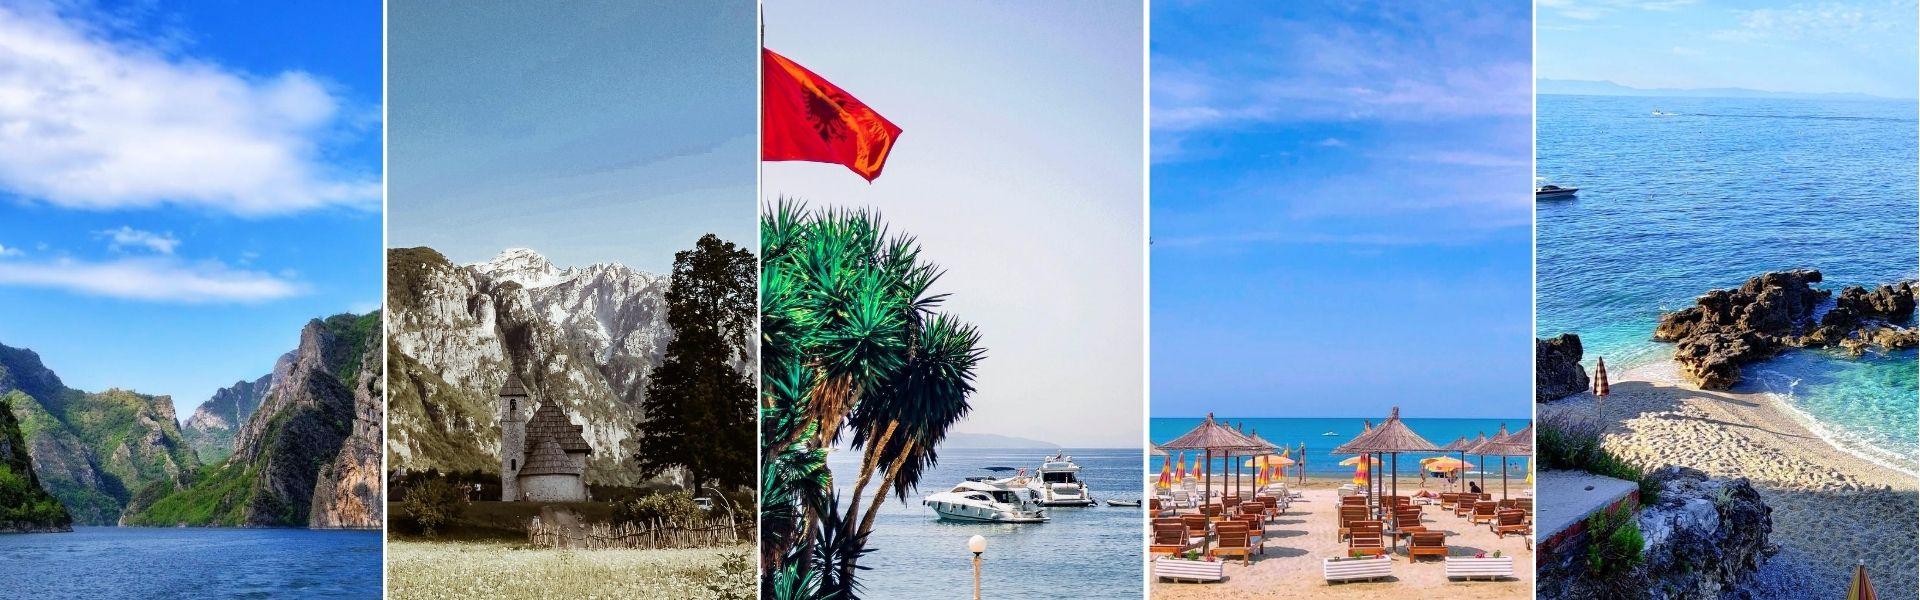 Albanija leto 2020